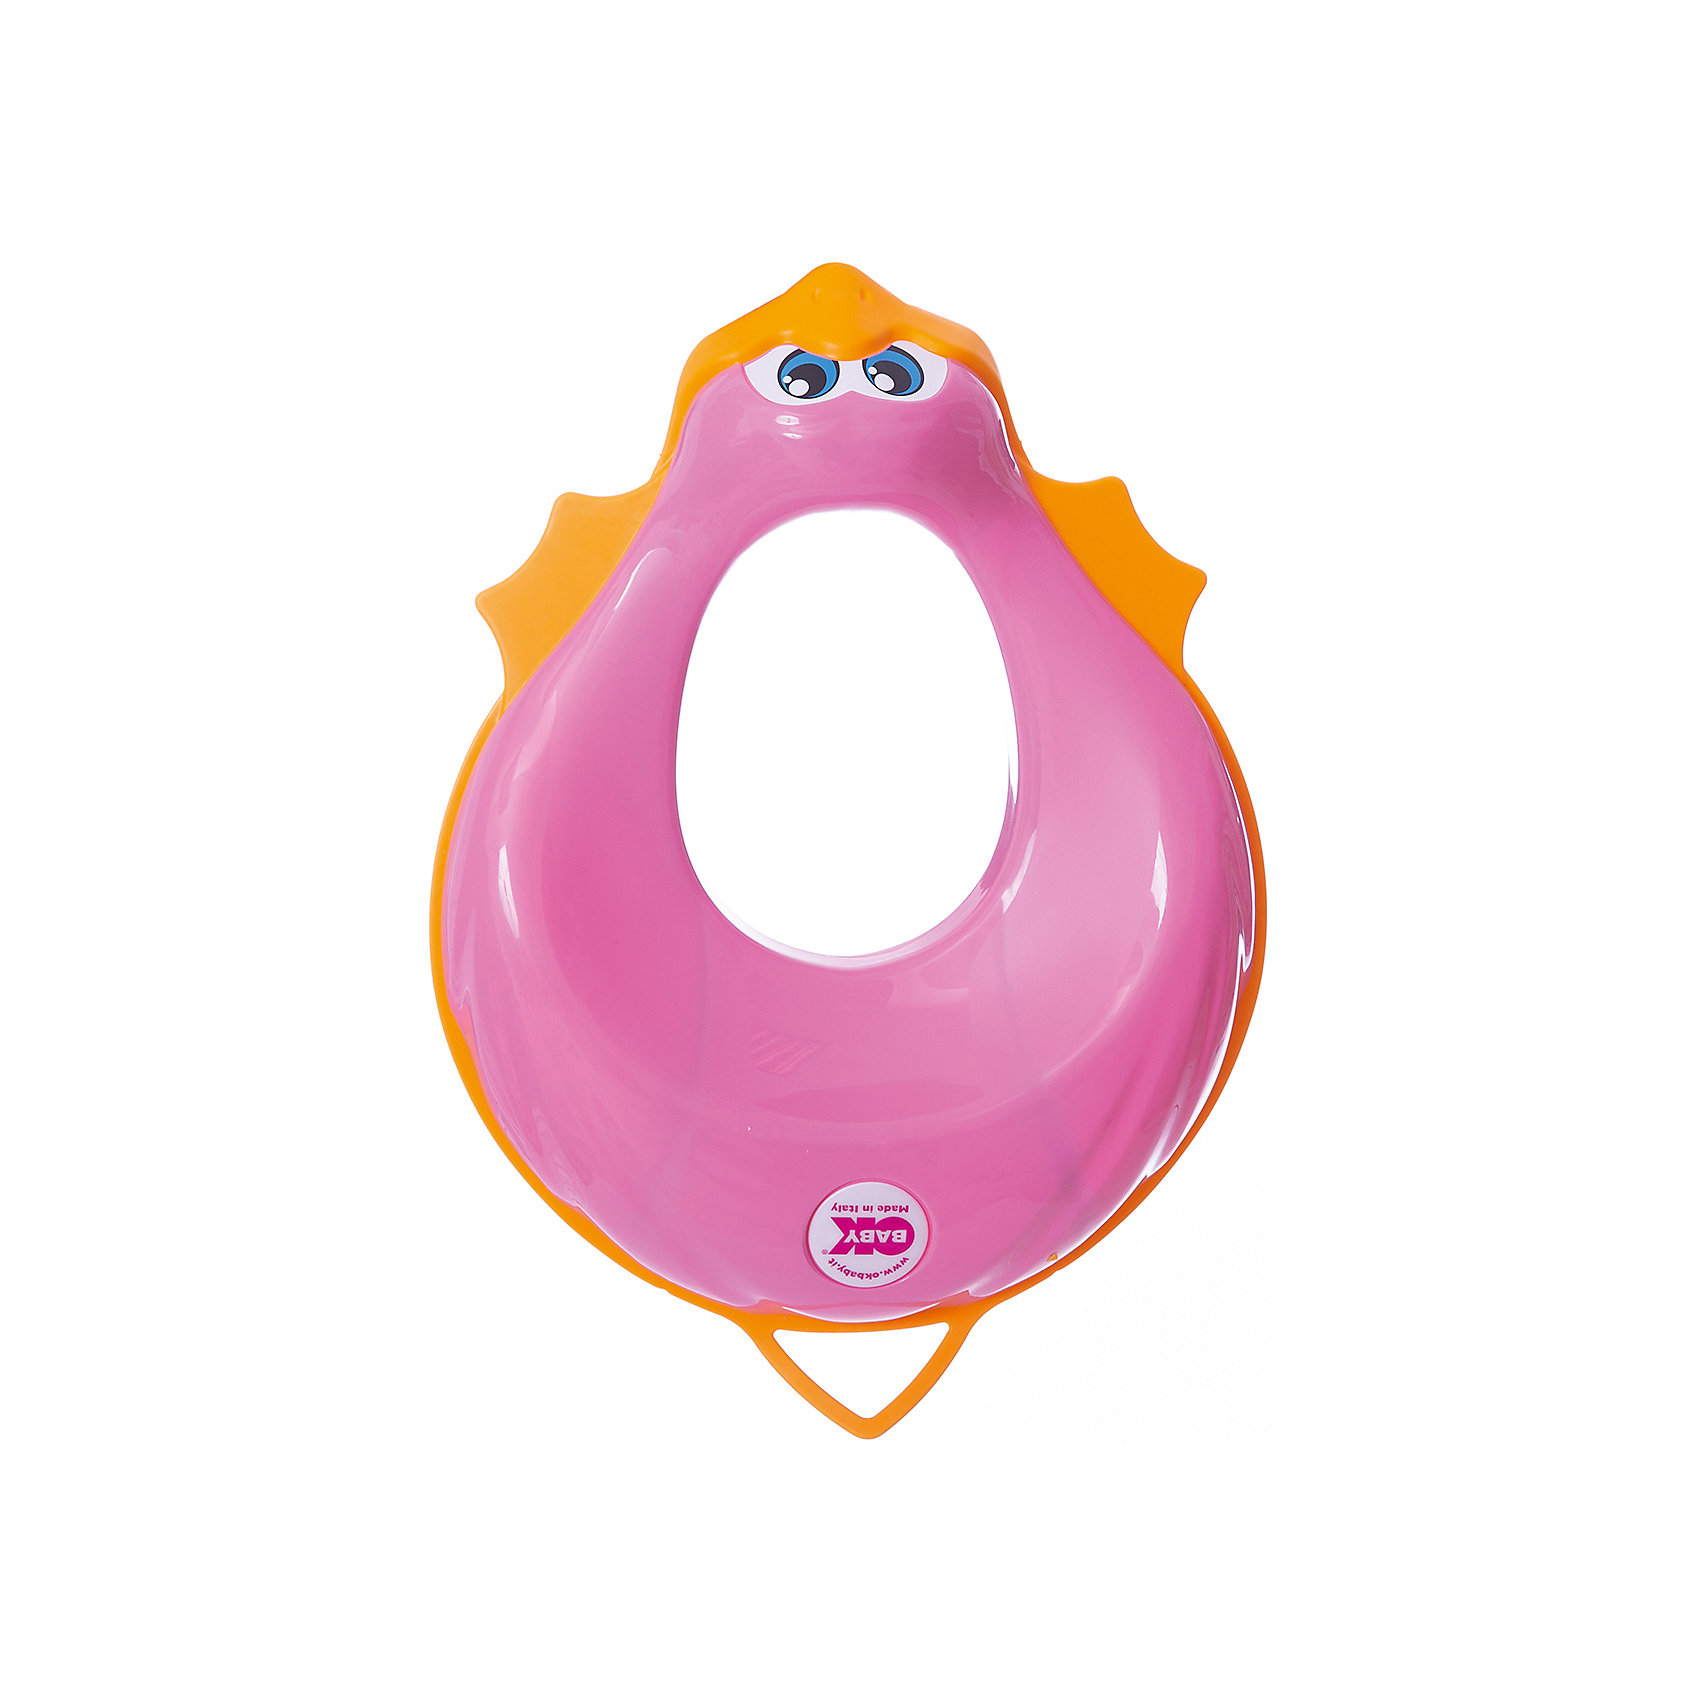 Накладка на унитаз, Ducka, Ok Baby, розовыйНакладка на унитаз выполнена из высококачественных материалов, имеет привлекательный дизайн и яркий цвет. Сиденье обязательно понравится ребенку и поможет быстро приучить кроху к унитазу. Поверхность, выполненная из мягкой резины, не позволит накладке соскользнуть или изменить свое положение в то время, когда ребенок сидит на ней, обеспечит безопасность и комфорт. <br><br>Дополнительная информация:<br><br>- Материал: пластик, резина.<br>- Размер: 32,5х9,5х41 см.<br>- Анатомическая форма. <br>- Подходит для унитазов разных форм и размеров. <br>- Яркий, привлекательный дизайн. <br><br>Накладку на унитаз, Ducka, Ok Baby, розовый, можно купить в нашем магазине.<br><br>Ширина мм: 905<br>Глубина мм: 410<br>Высота мм: 325<br>Вес г: 800<br>Возраст от месяцев: 12<br>Возраст до месяцев: 48<br>Пол: Женский<br>Возраст: Детский<br>SKU: 5117214